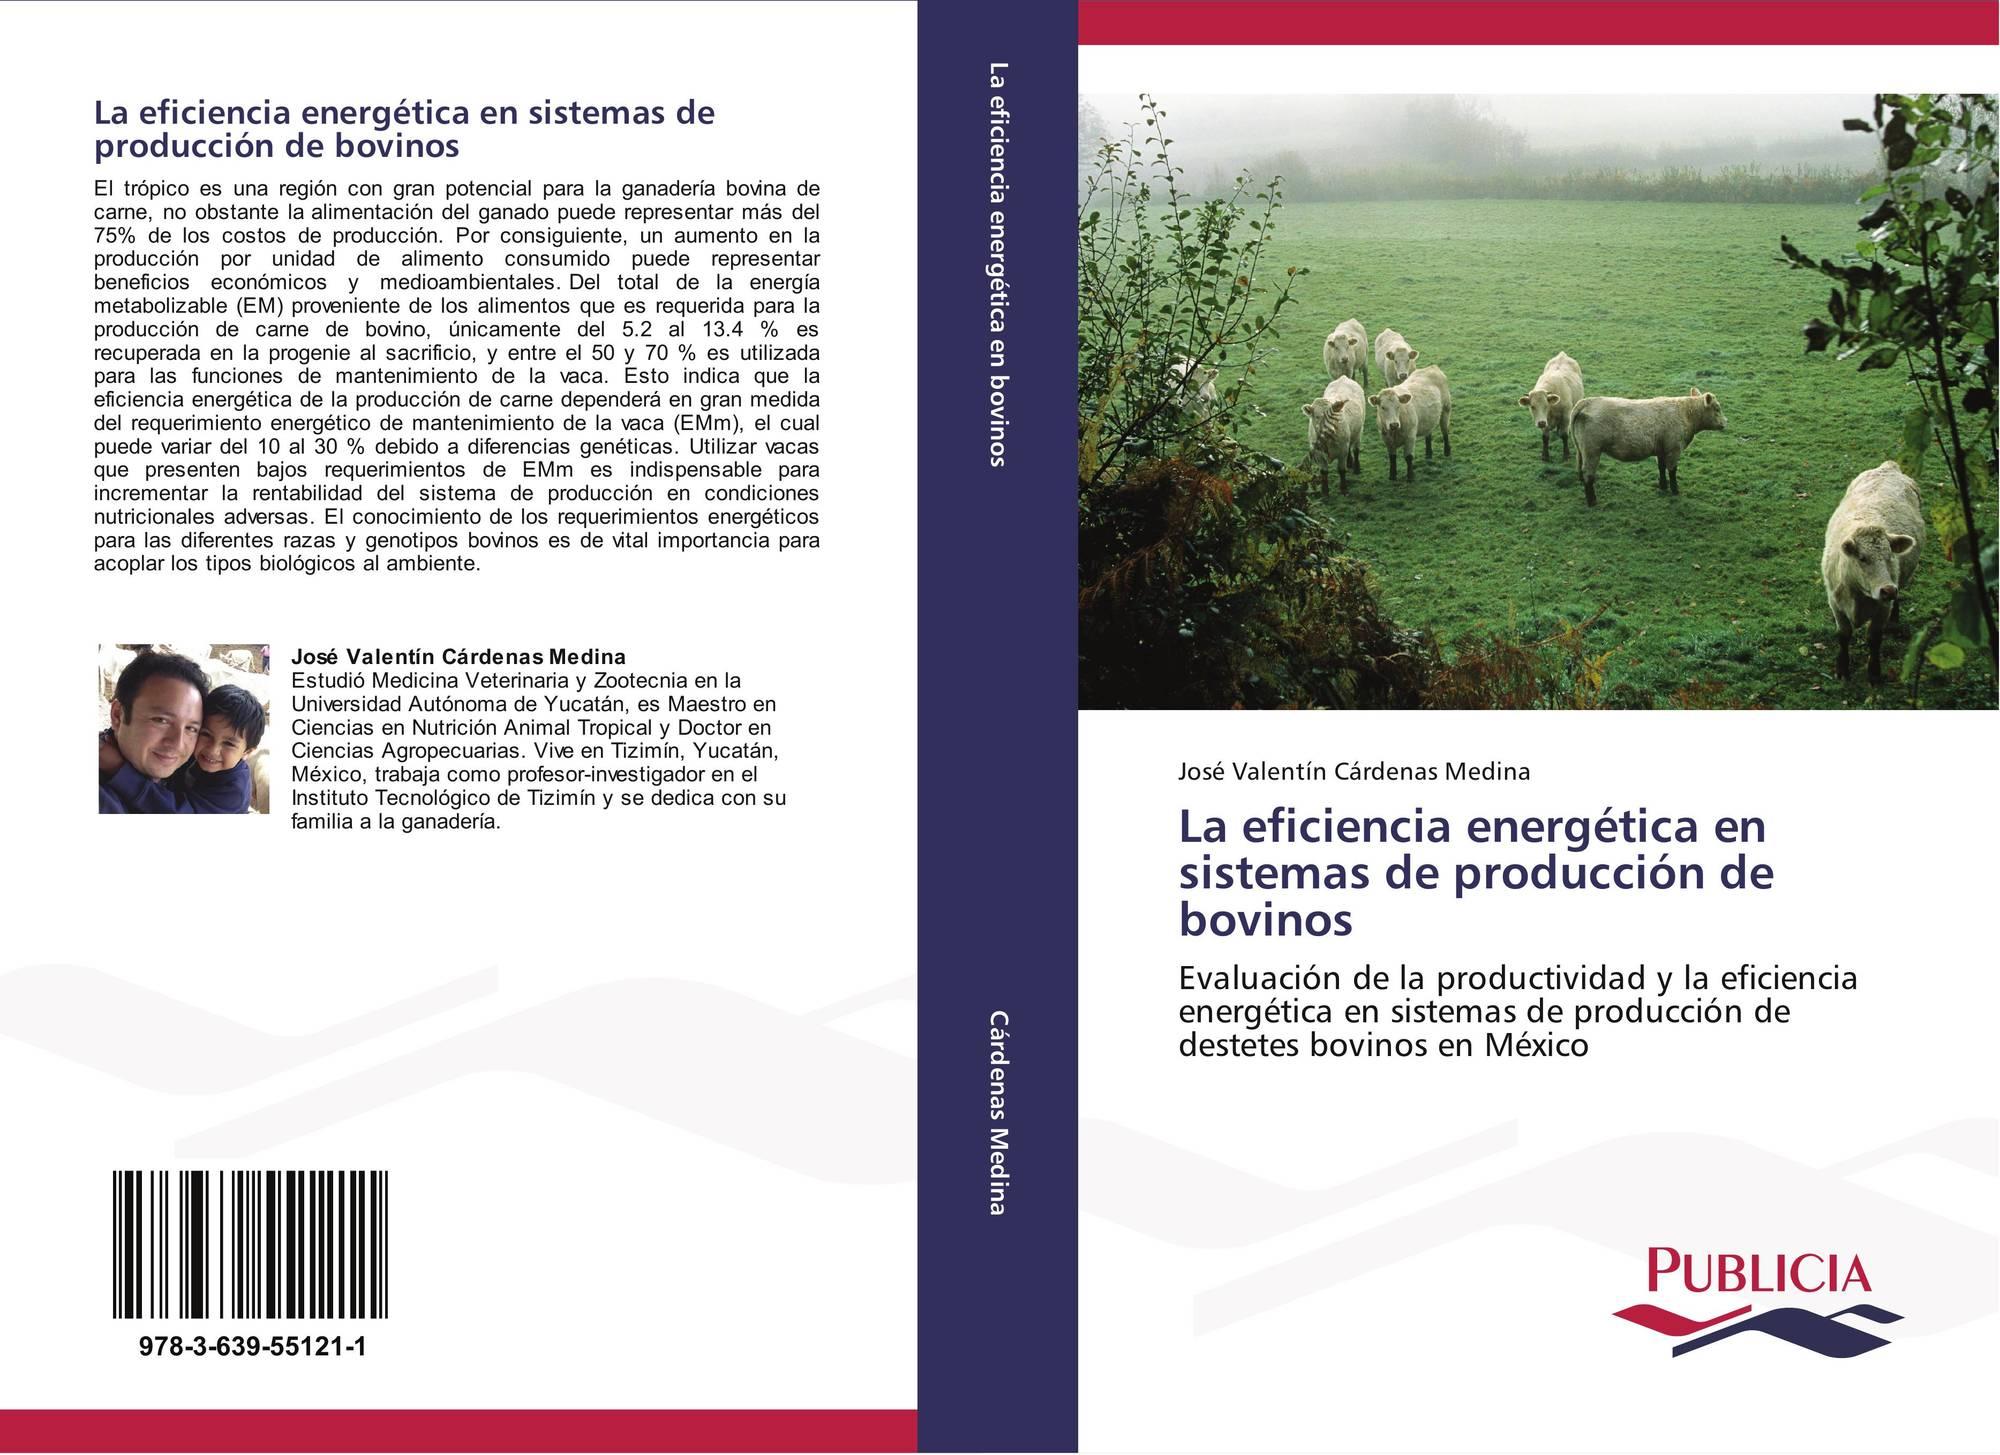 Portada del libro de la eficiencia energ tica en sistemas de producci n de bovinos